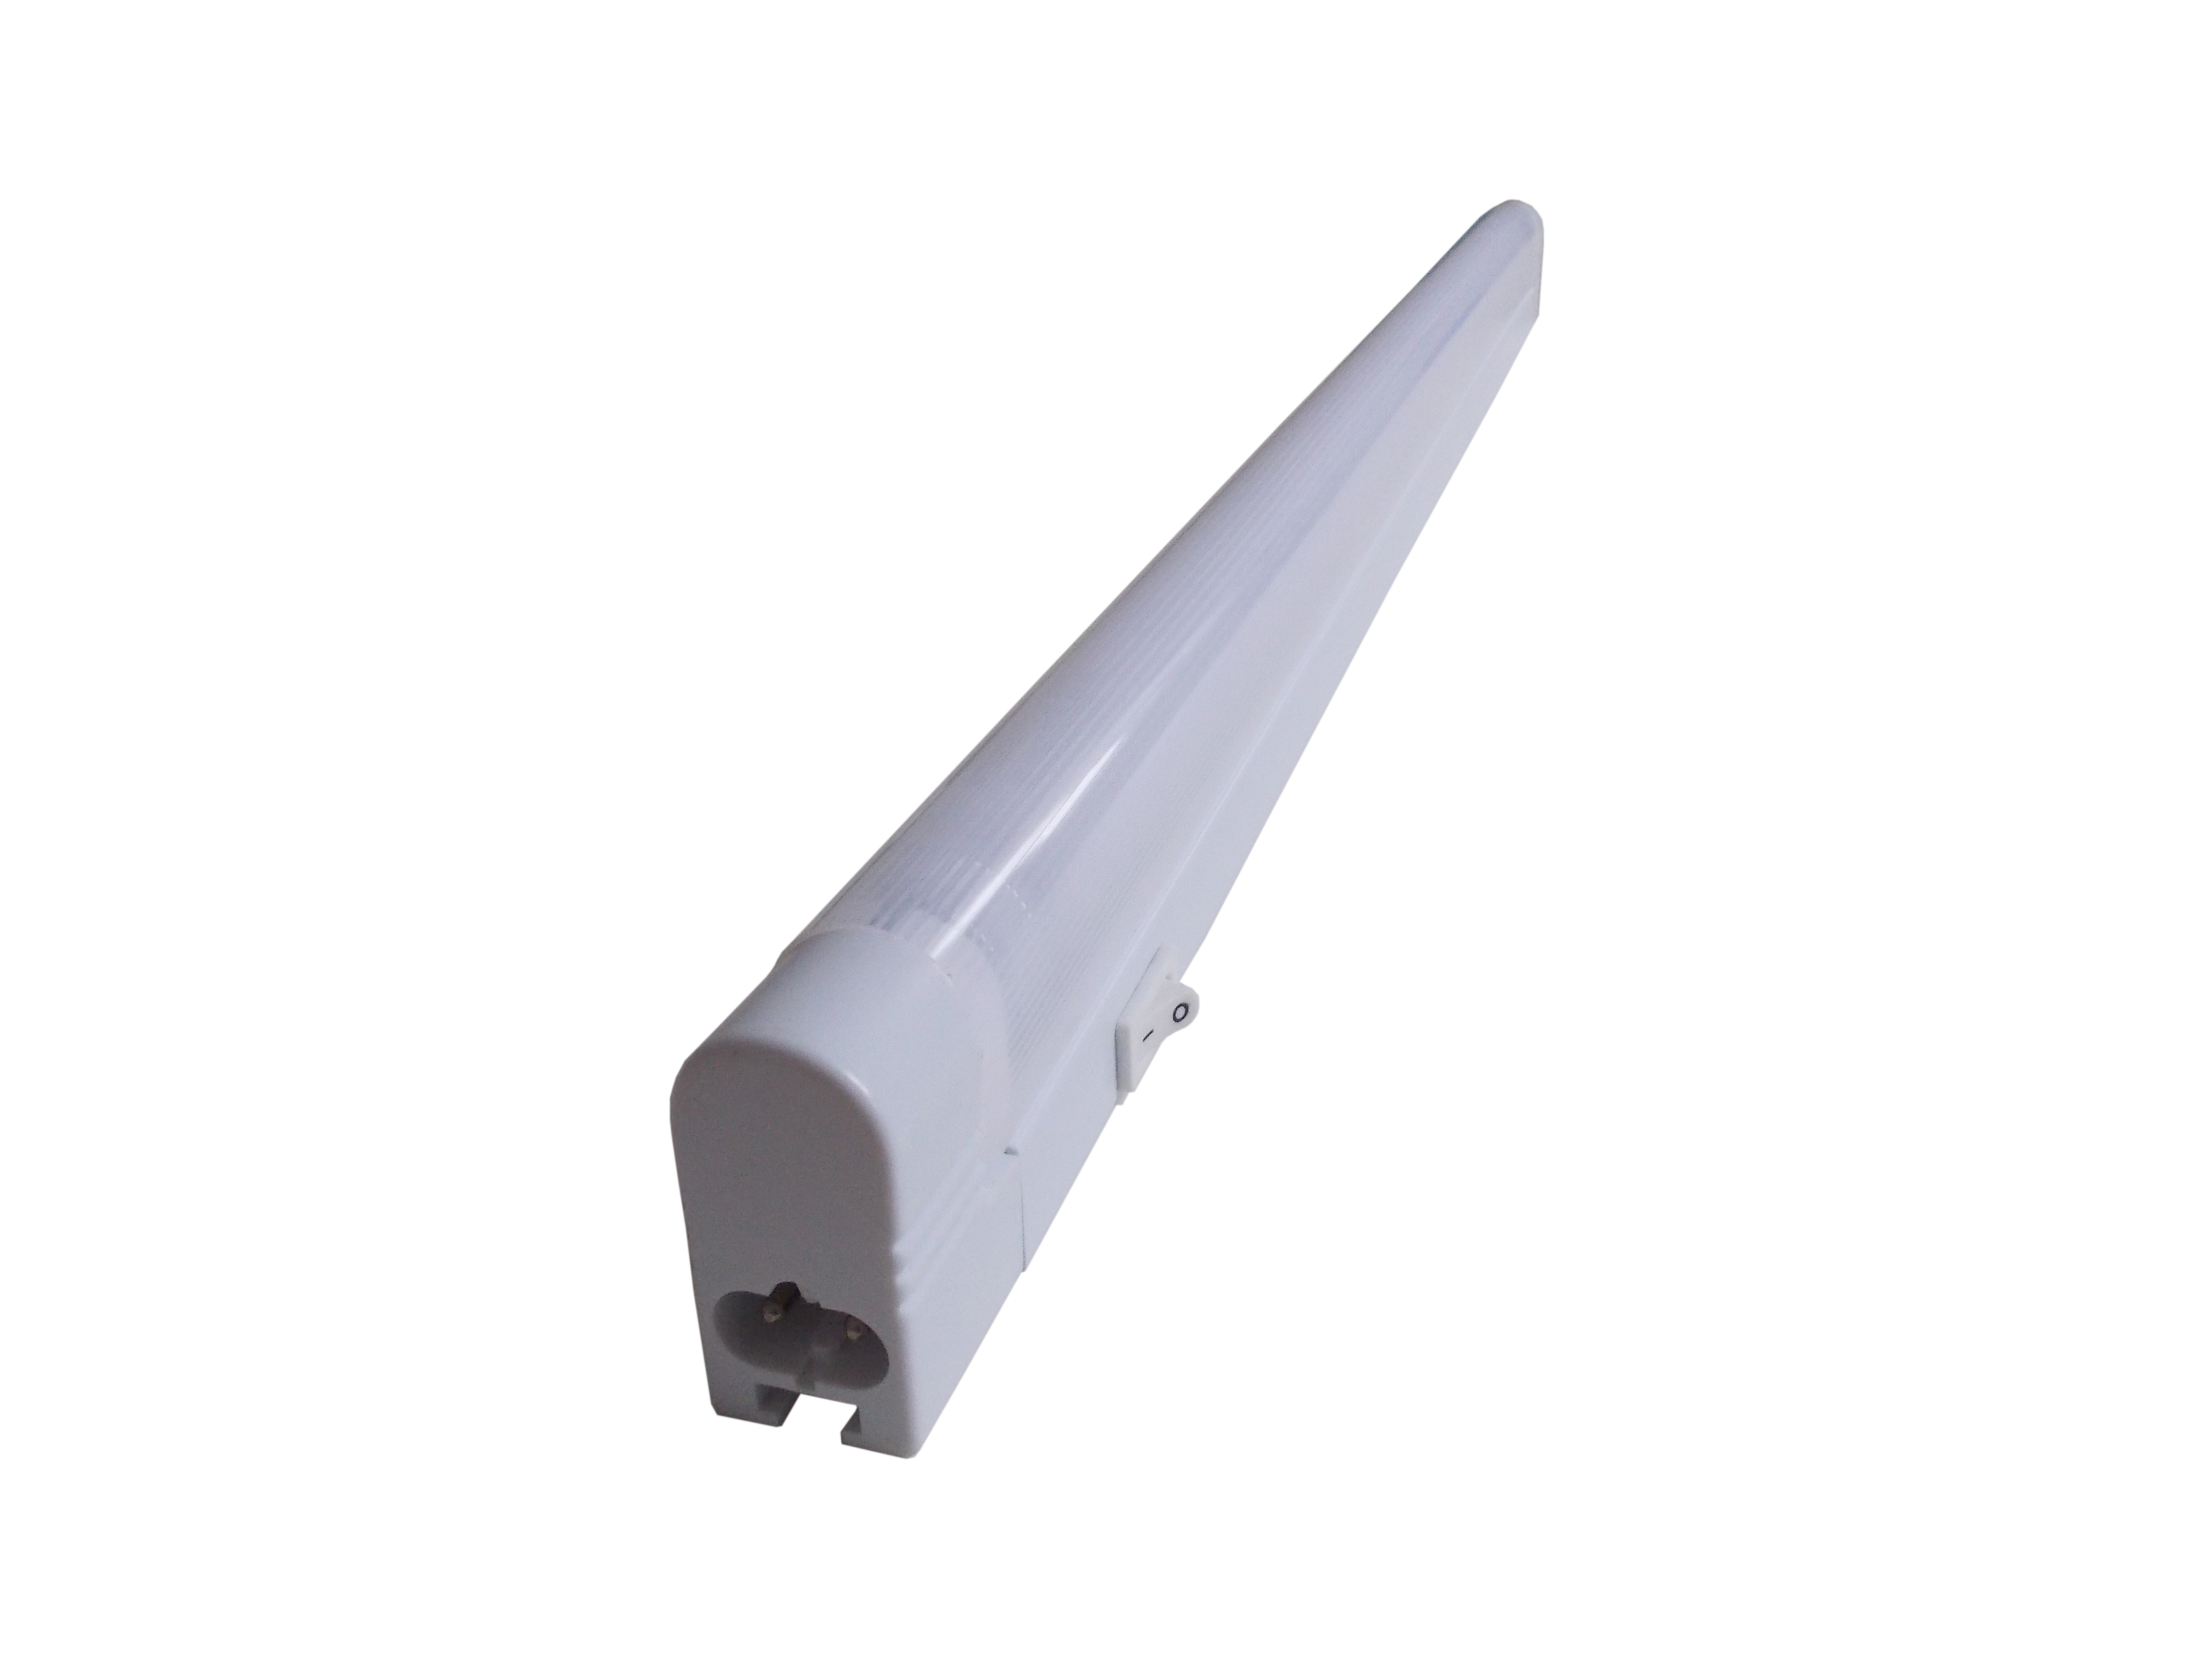 Profilite Kuchyňské svítidlo PL_CAB28_21W_WHITE s vypínačem PL-CAB28-21W-WHITE-6500K